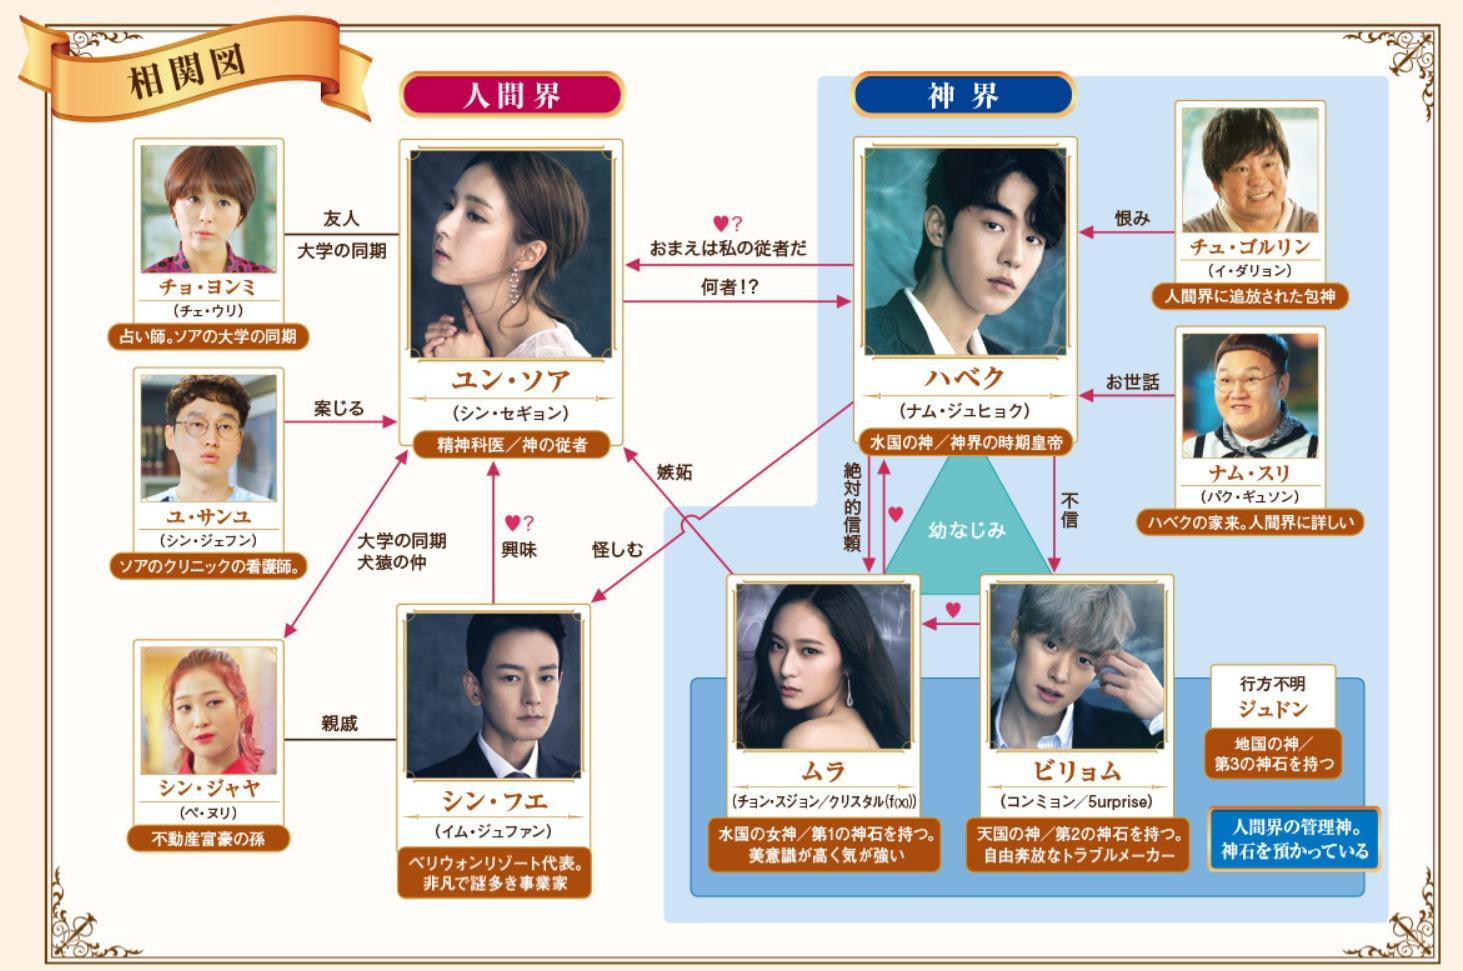 韓国ドラマ『ハベクの新婦』登場人物相関図(関係図)